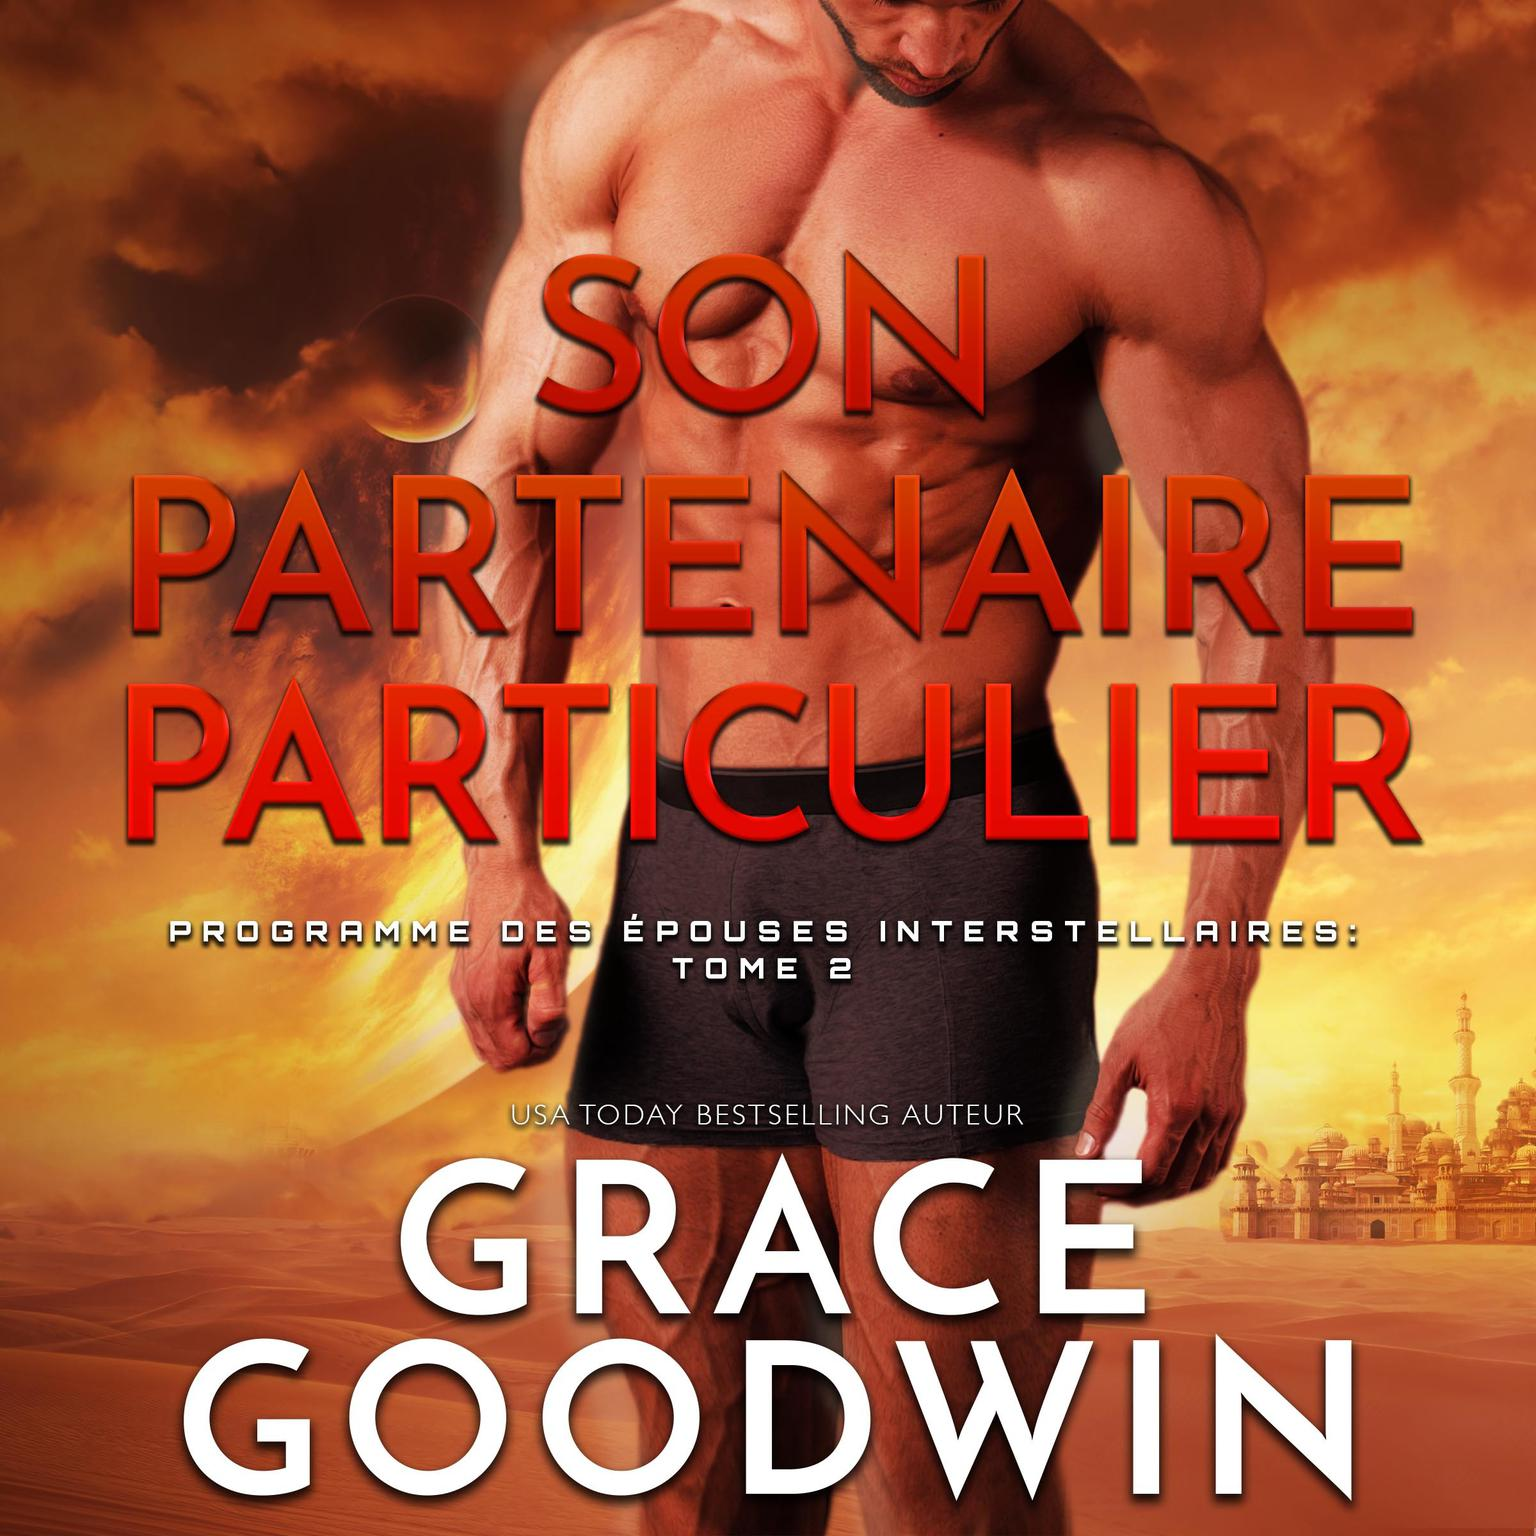 Son Partenaire Particulier Audiobook, by Grace Goodwin